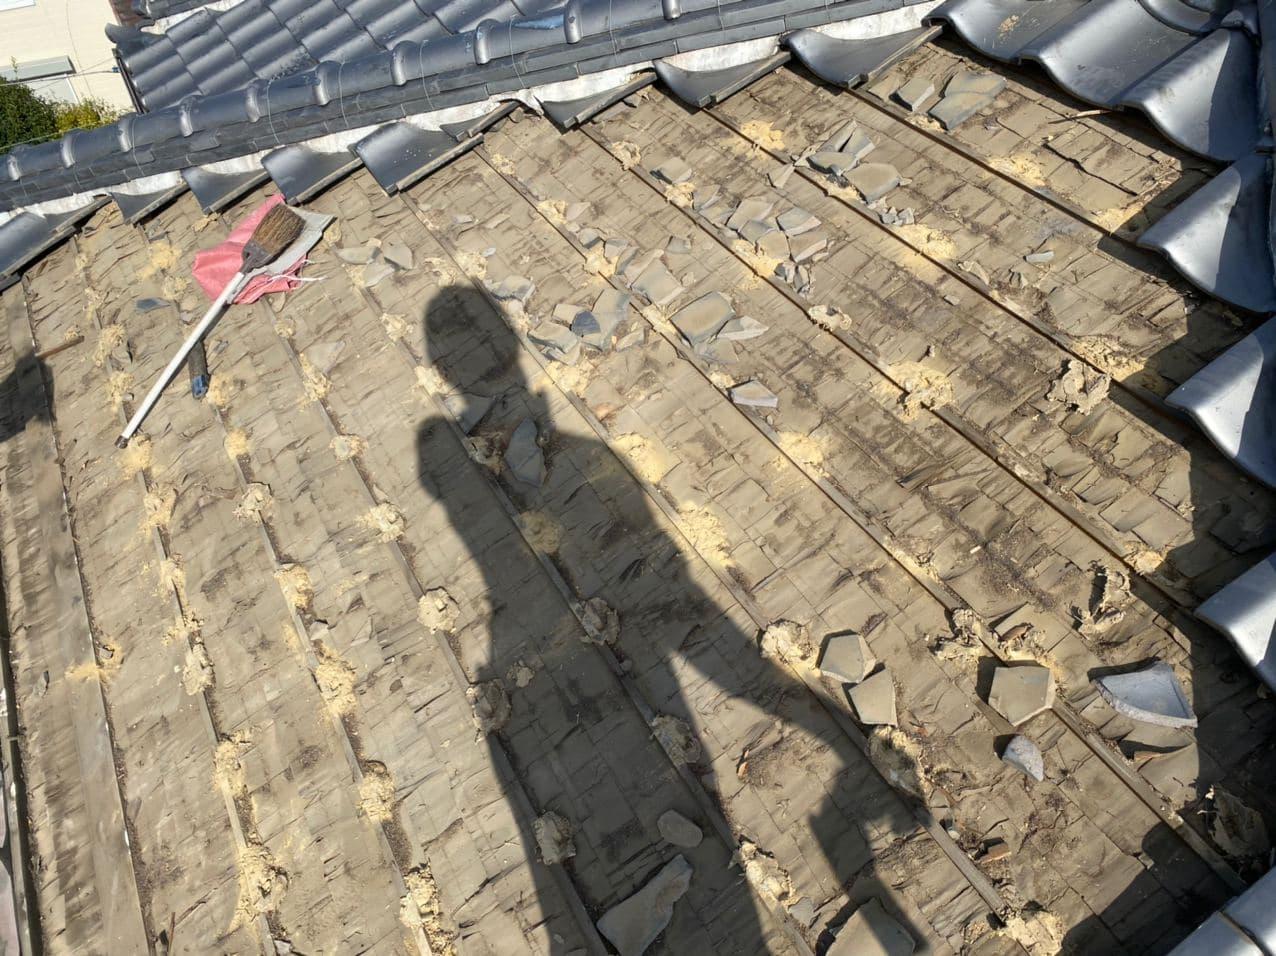 神奈川県川崎市でトントン葺きの葺き直し工事